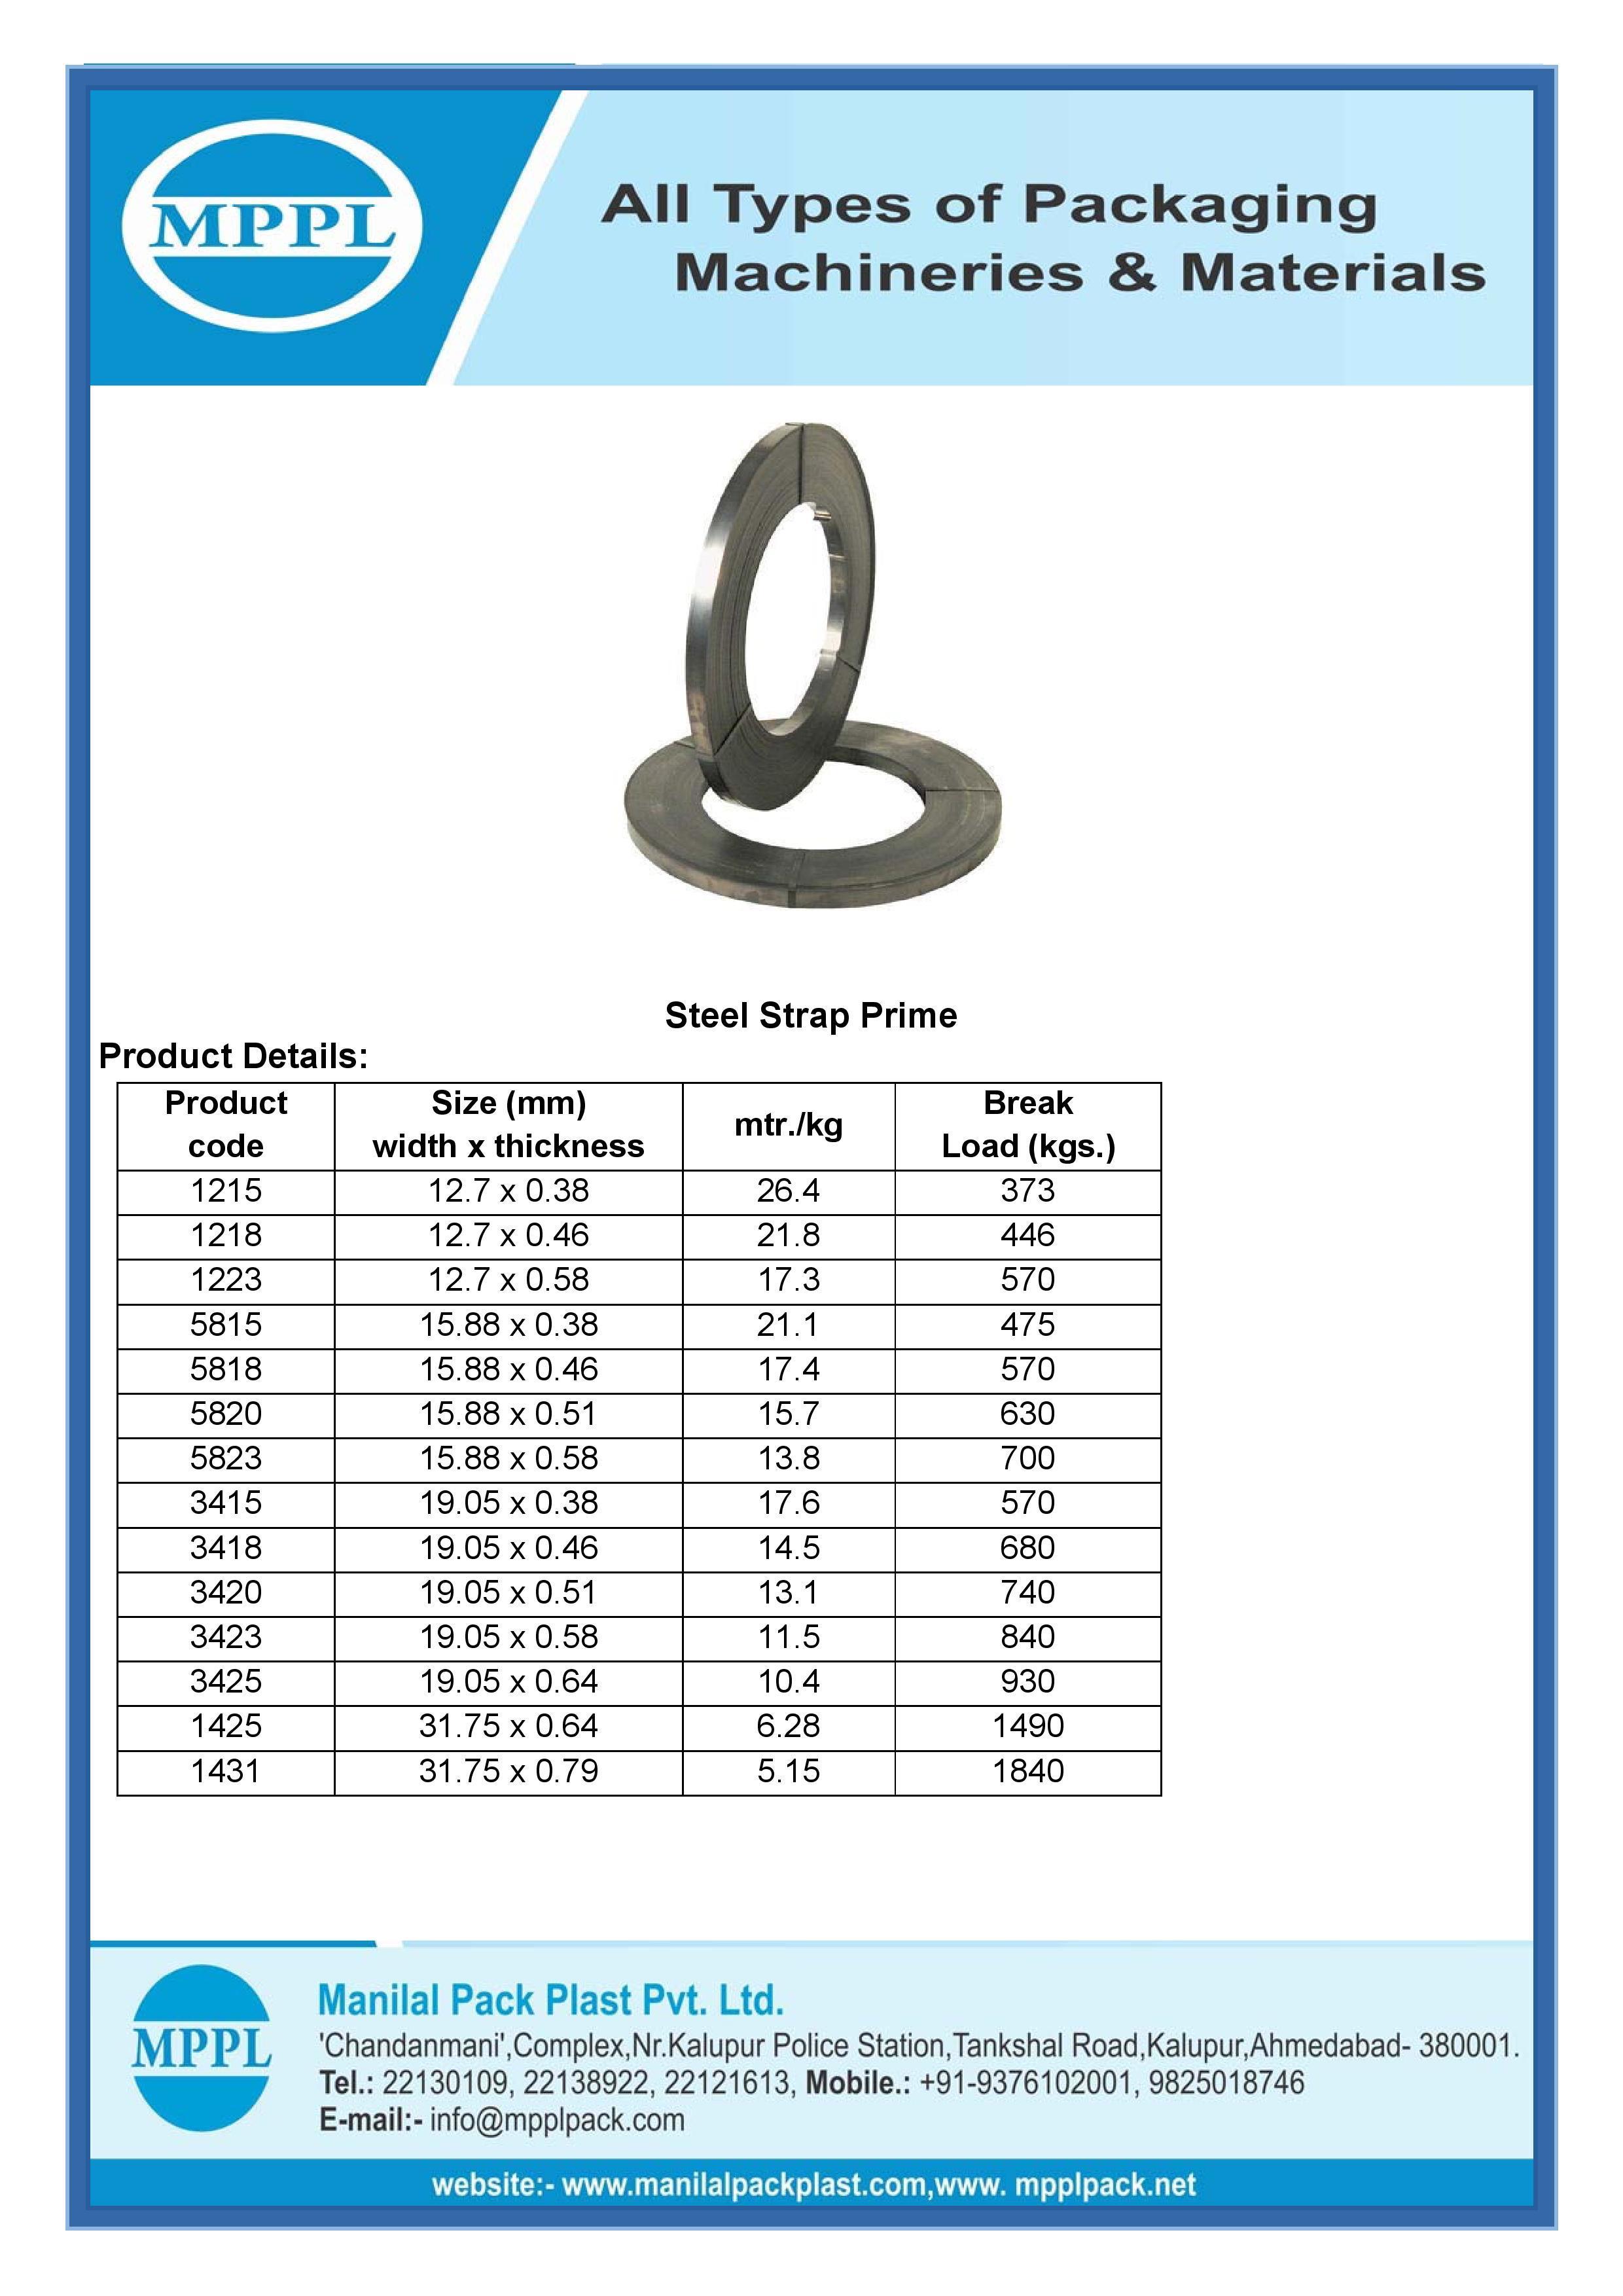 Steel Strap Prime